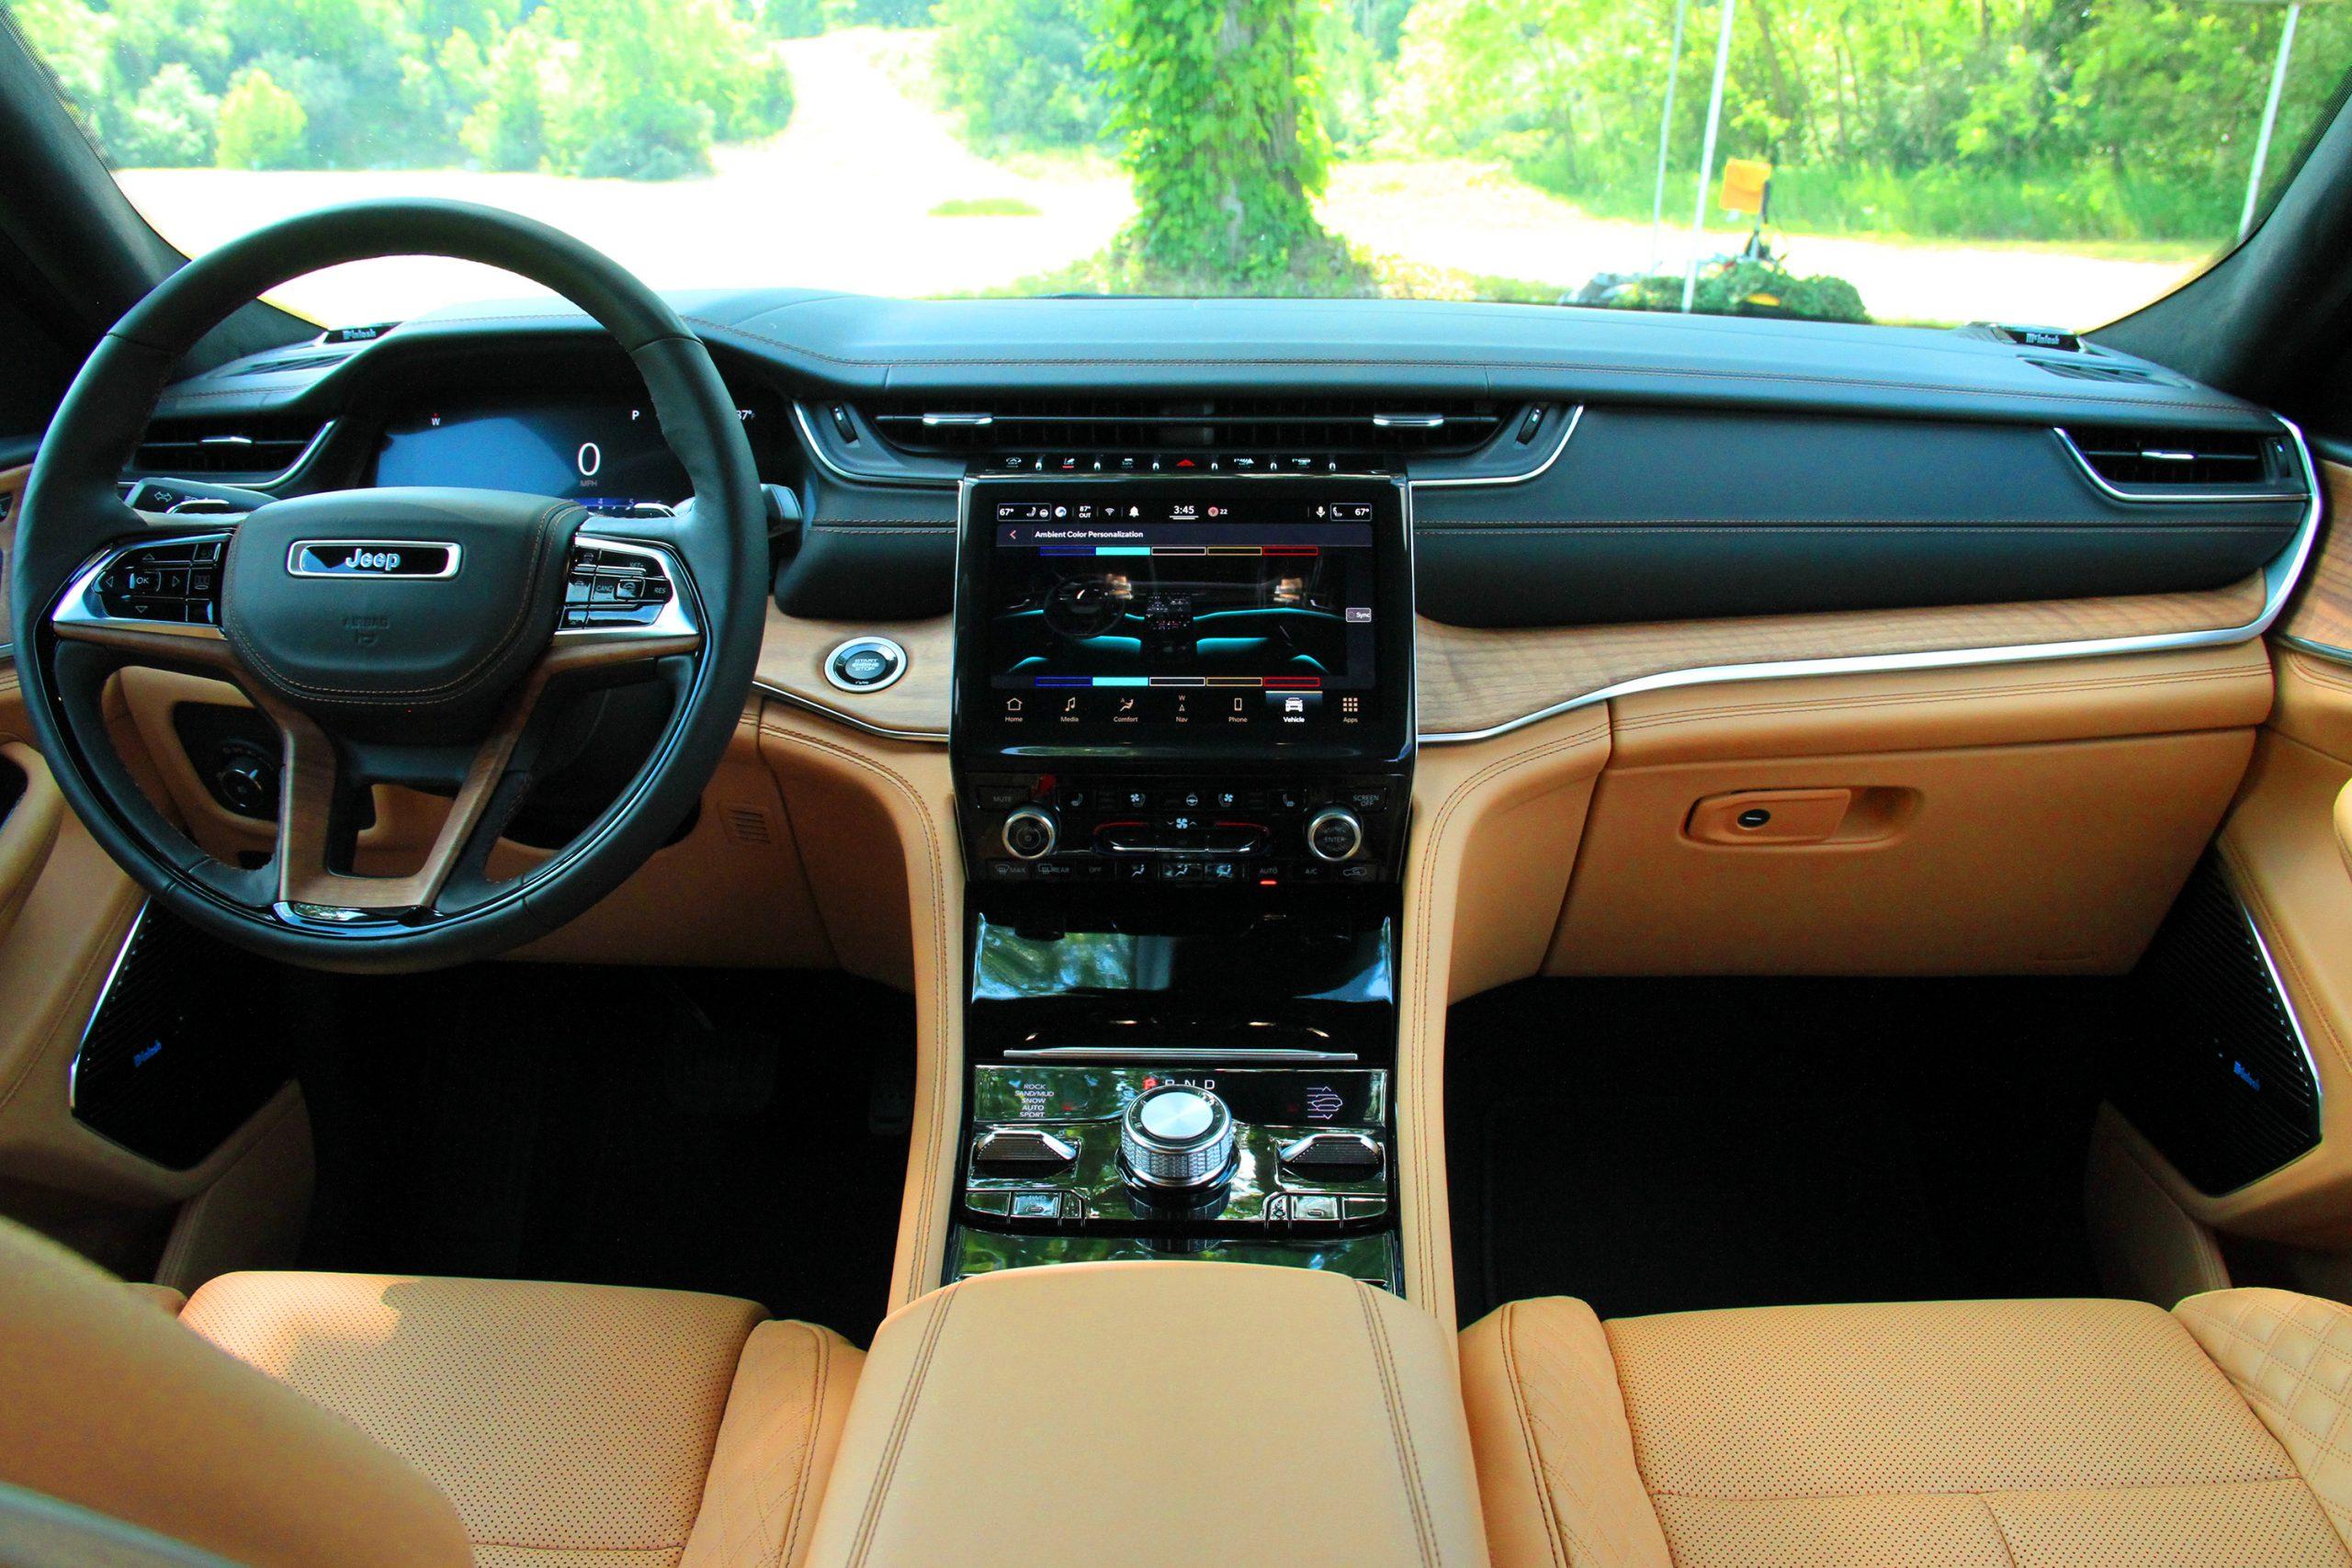 Jeep Grand Cherokee L Tupelo interior